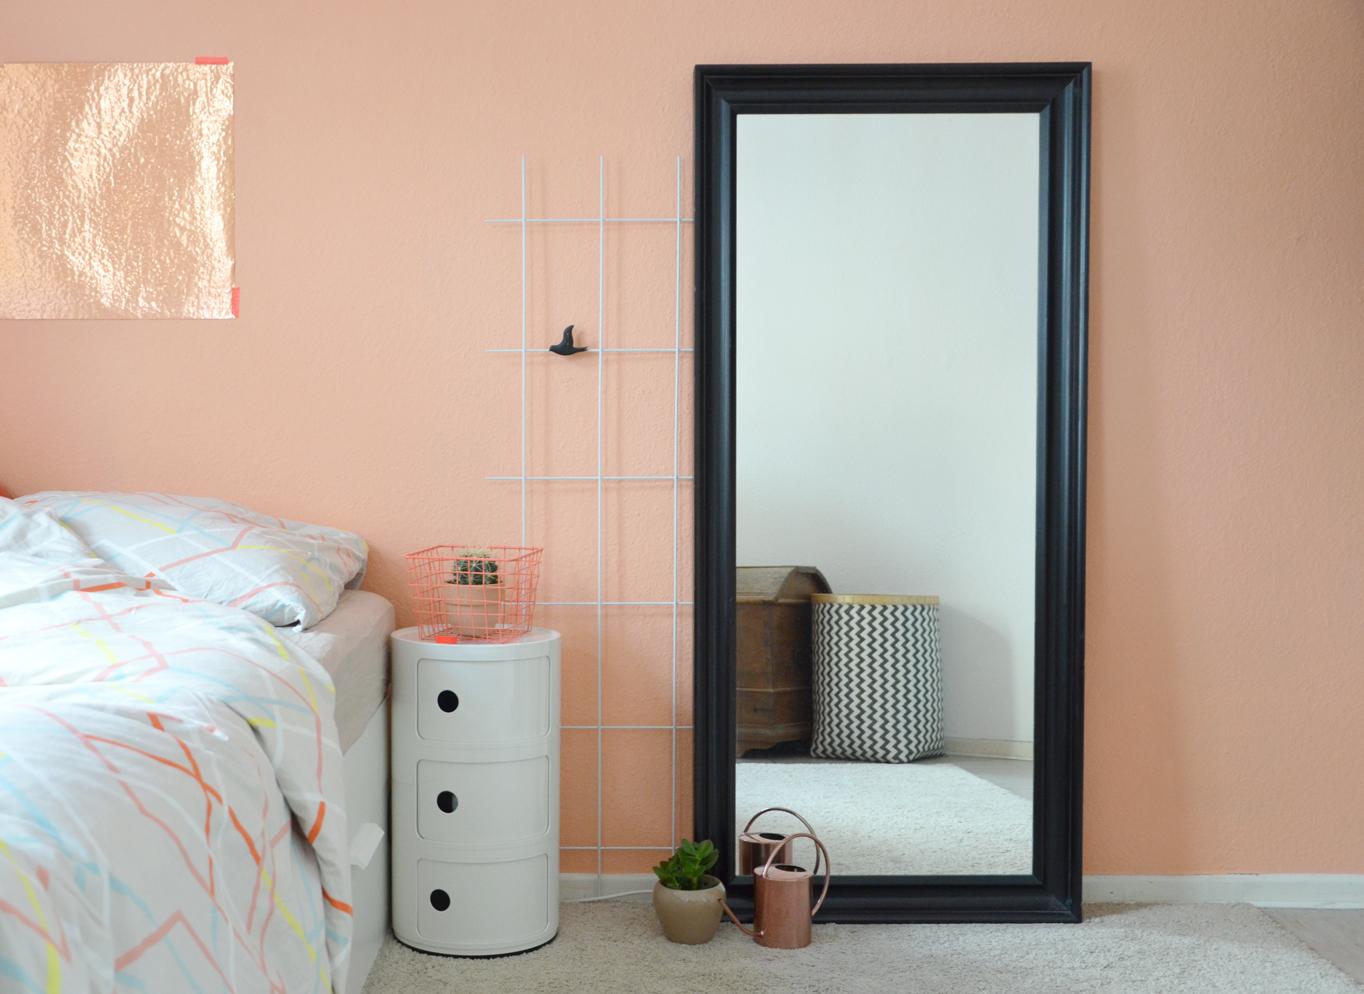 Schon Schlafzimmer In Apricot   Annablogie